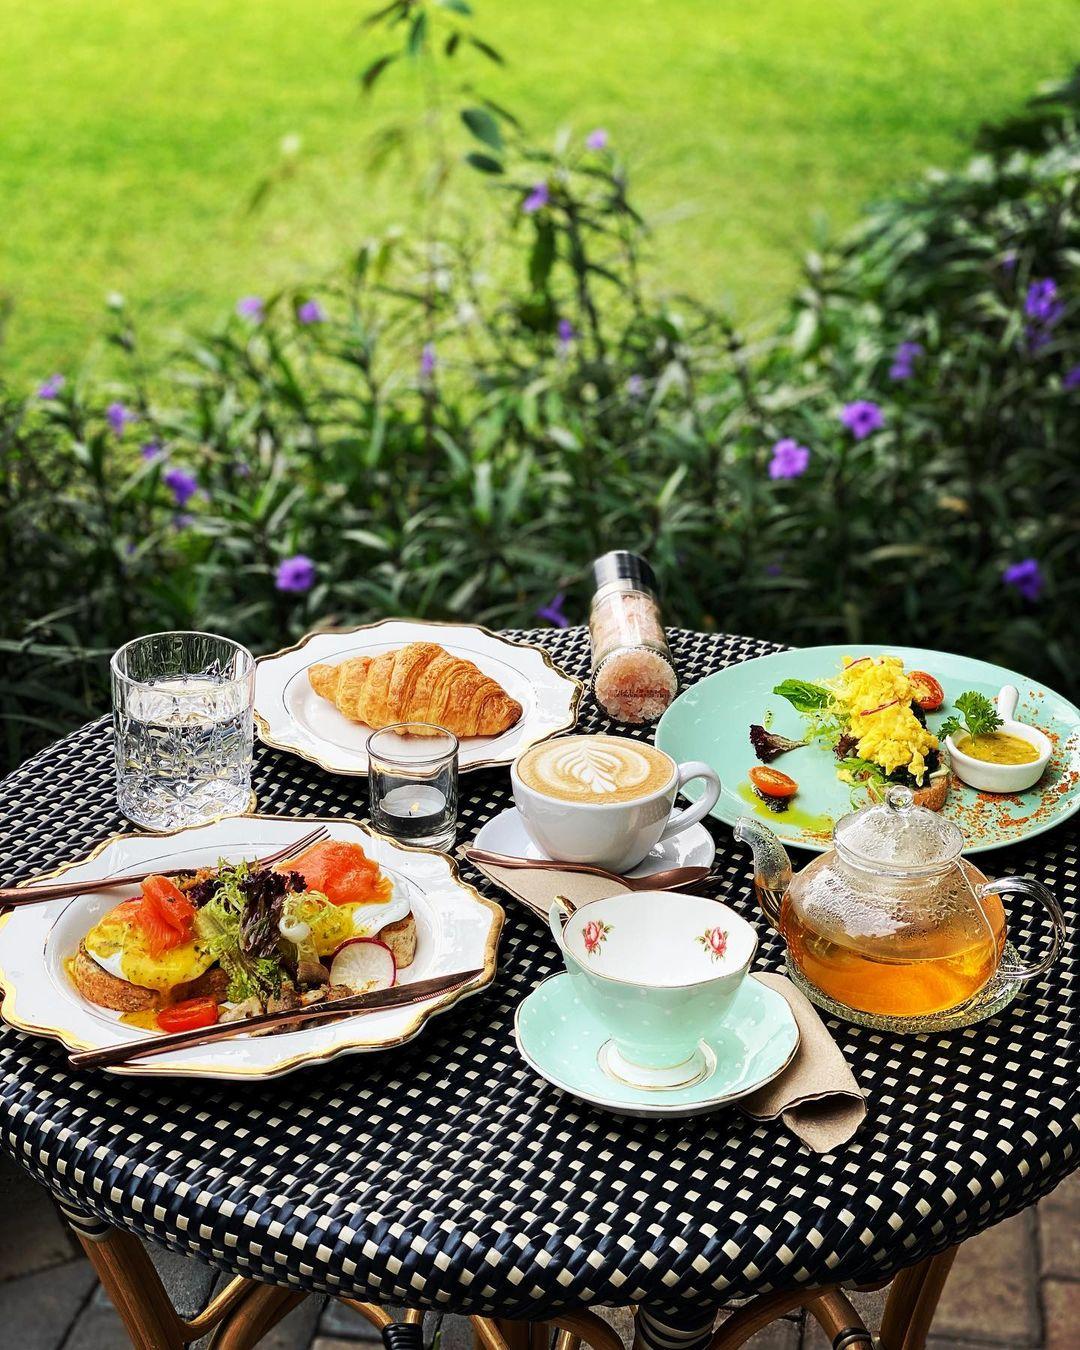 Makanan Di The Manor Cafe Image From @hadijahaljufri